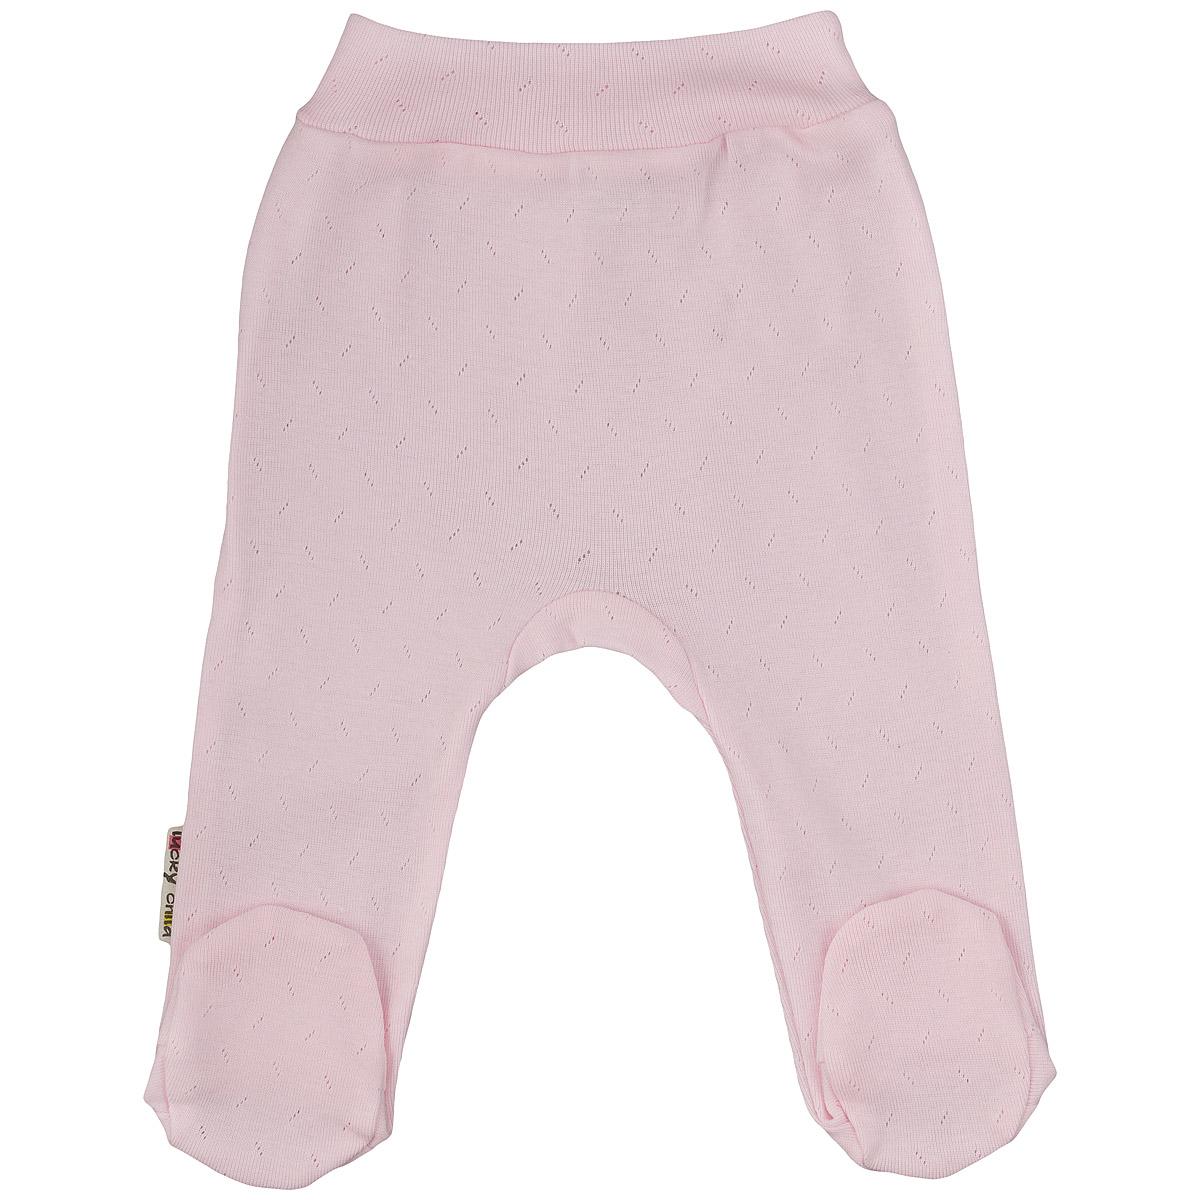 Ползунки на широком поясе Lucky Child Ажур, цвет: розовый. 0-11. Размер 68/74